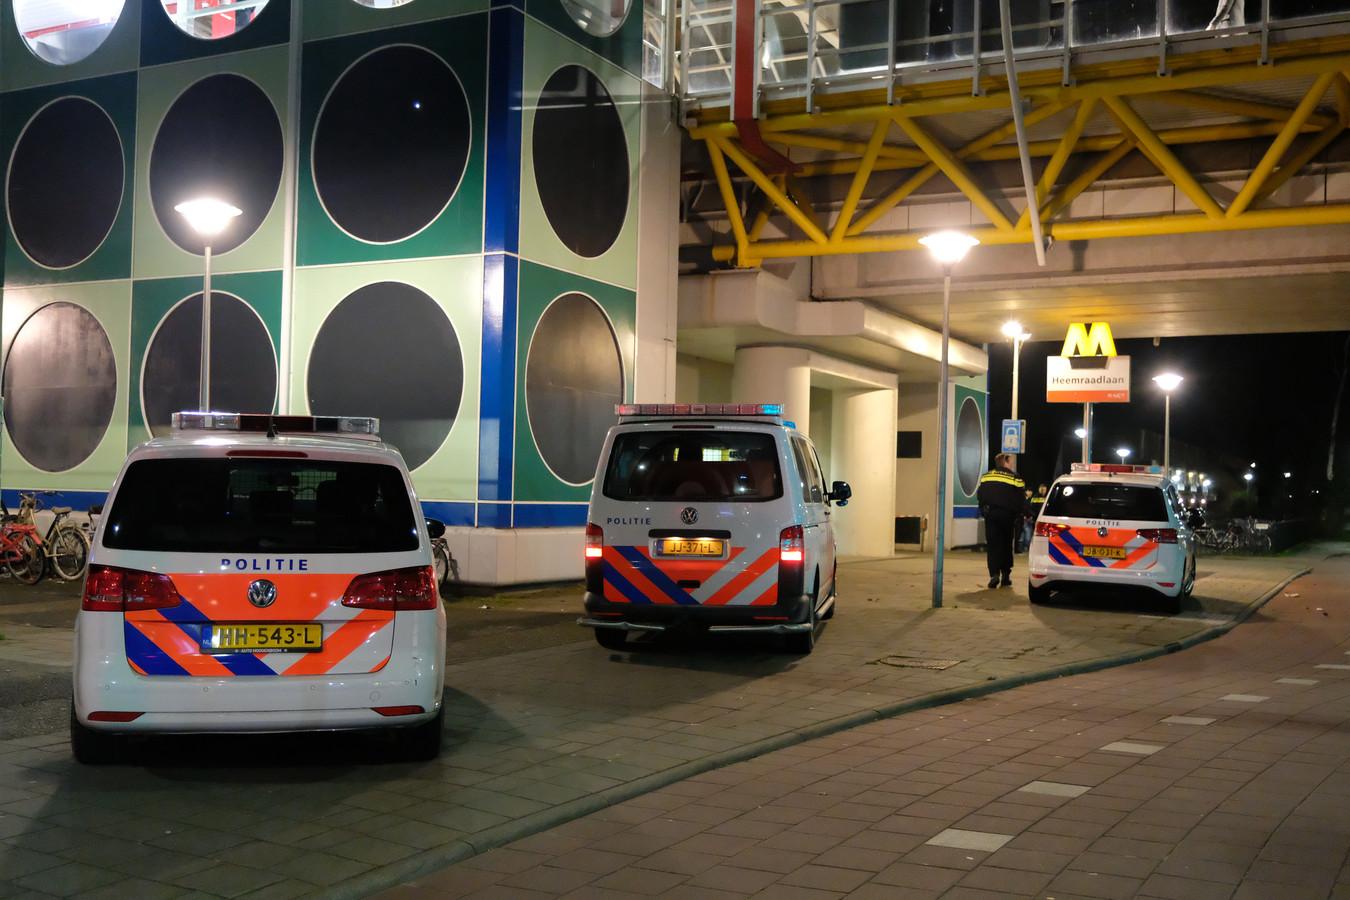 Jongeren zorgden dit weekeinde voor veel geweld, zoals hier bij metrostation Heemraadlaan in Spijkenisse, waar een slachtoffer in zijn gezicht en arm werd gestoken.